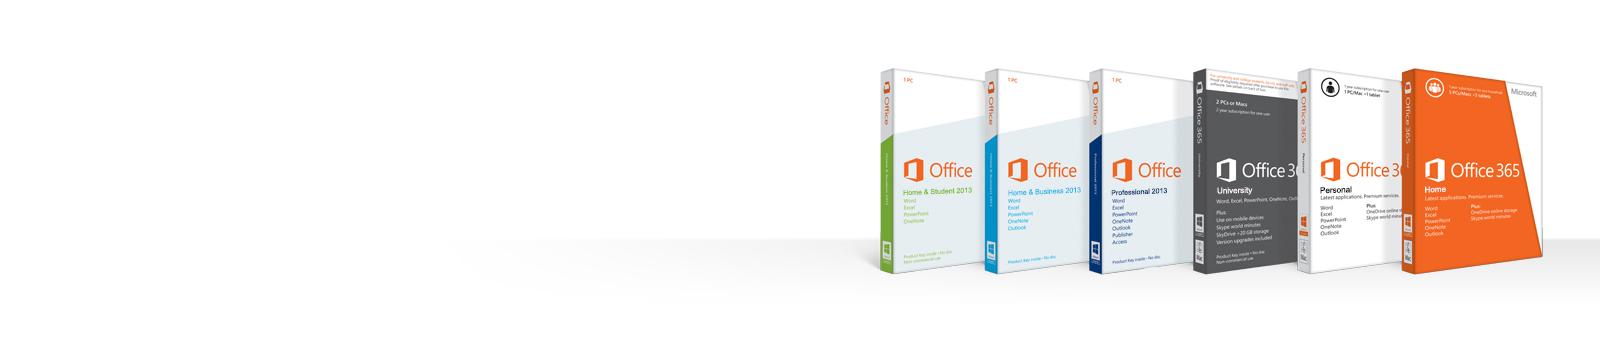 Urus, muat turun, buat sandaran atau pulihkan produk Office